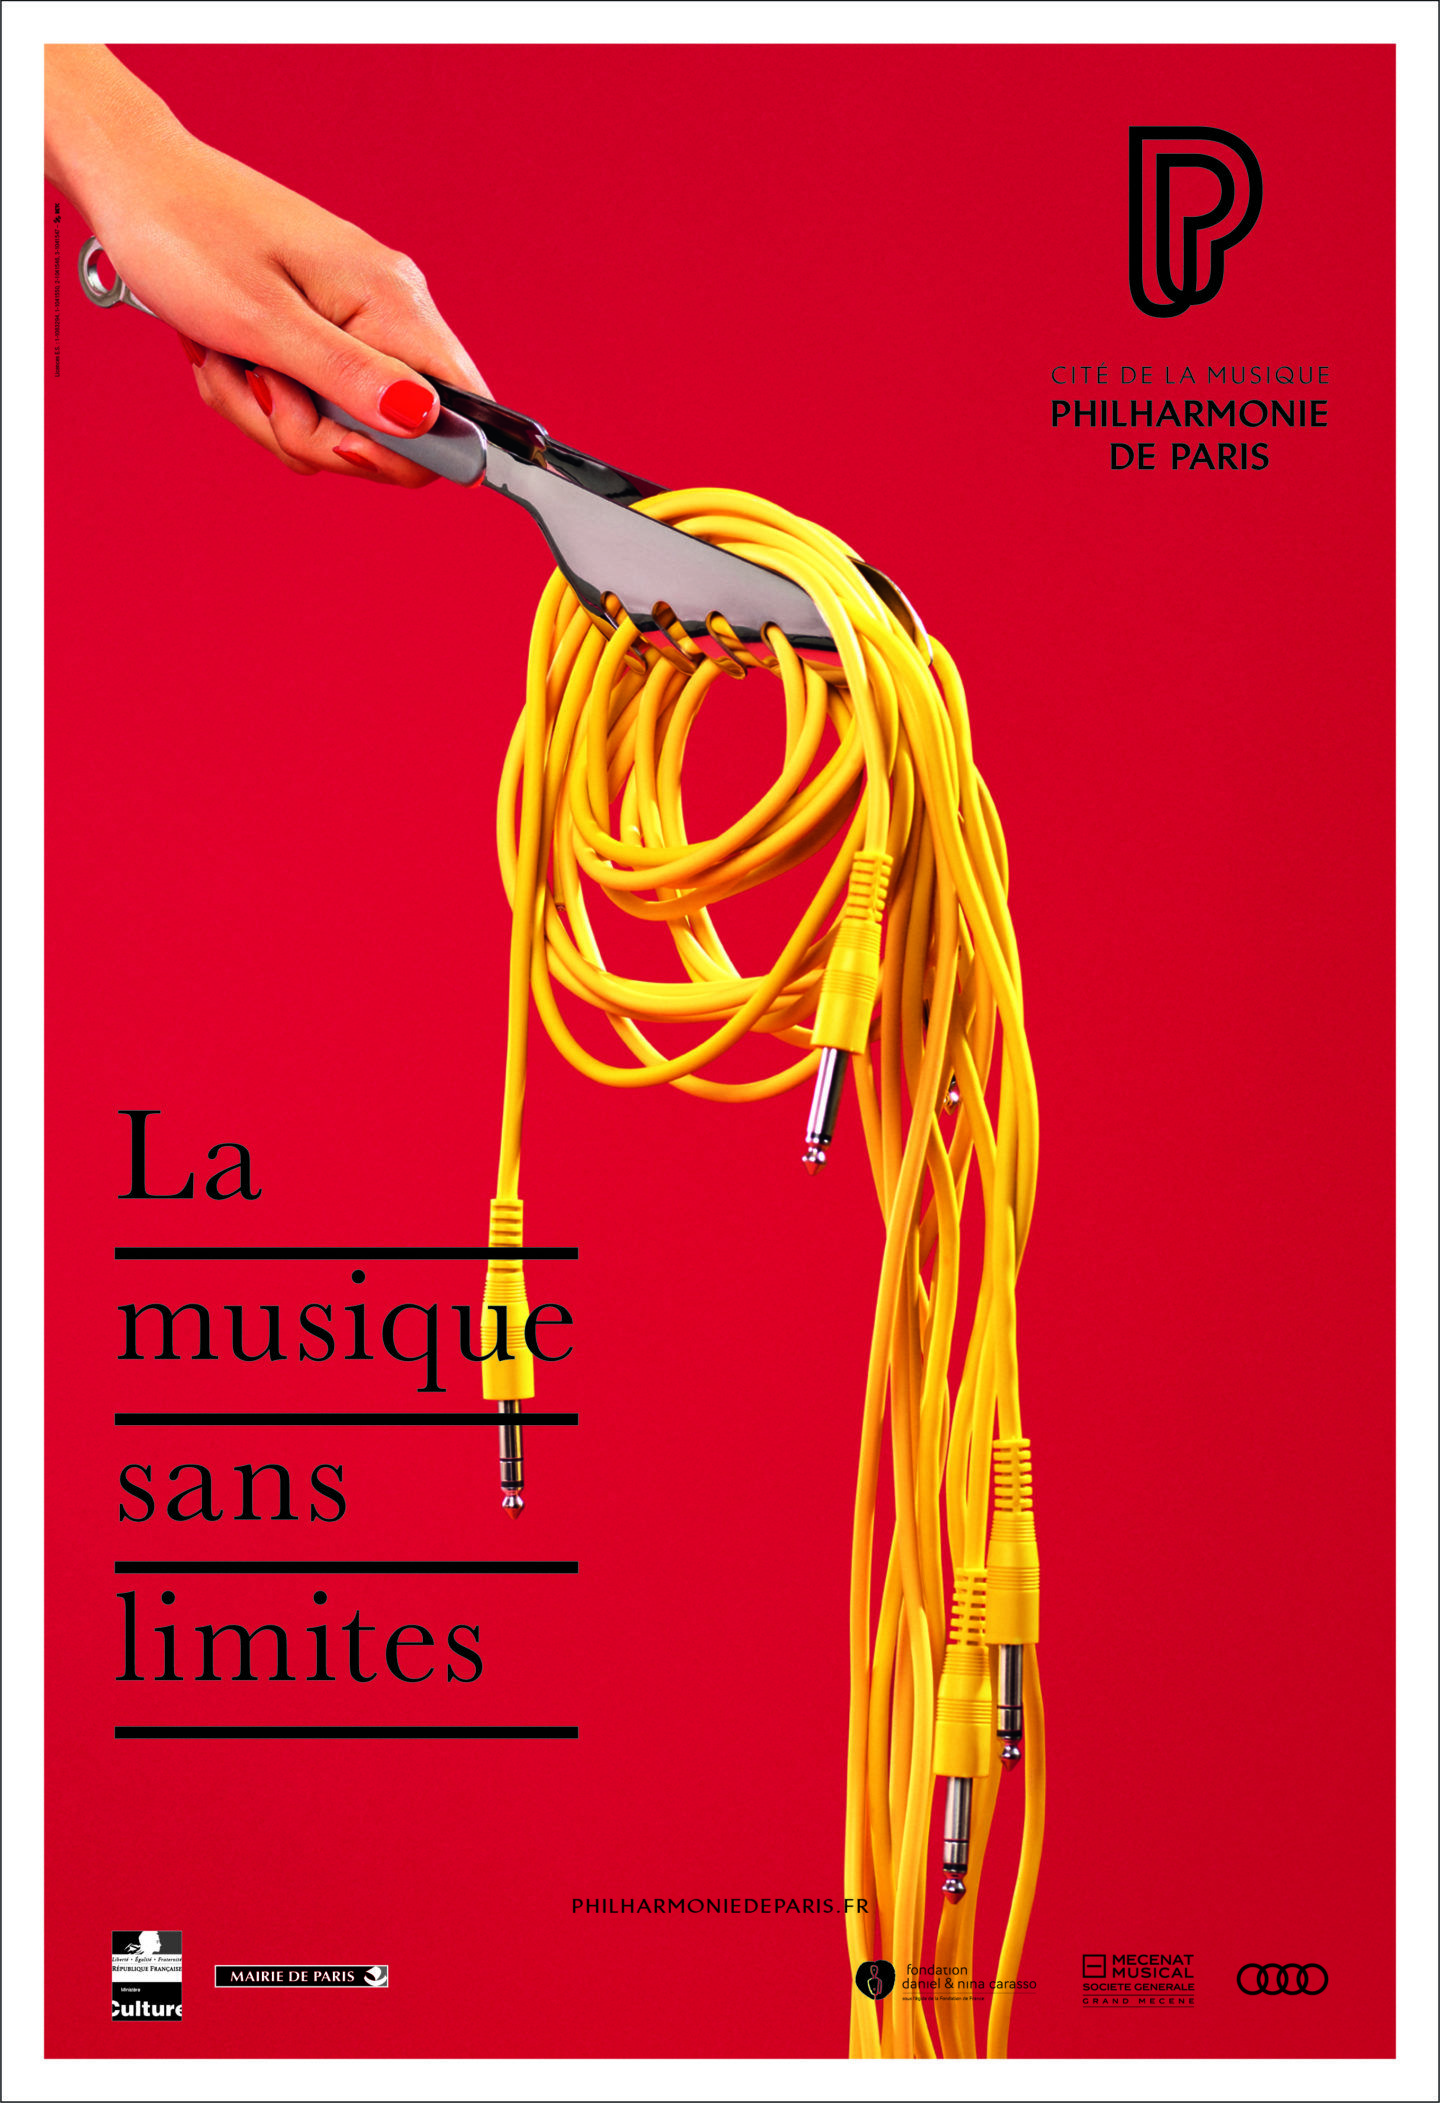 La Philharmonie De Paris Et Betc Dévoilent Une Campagne Dévorante Philharmonie De Paris Design D Affiches Design De Communication